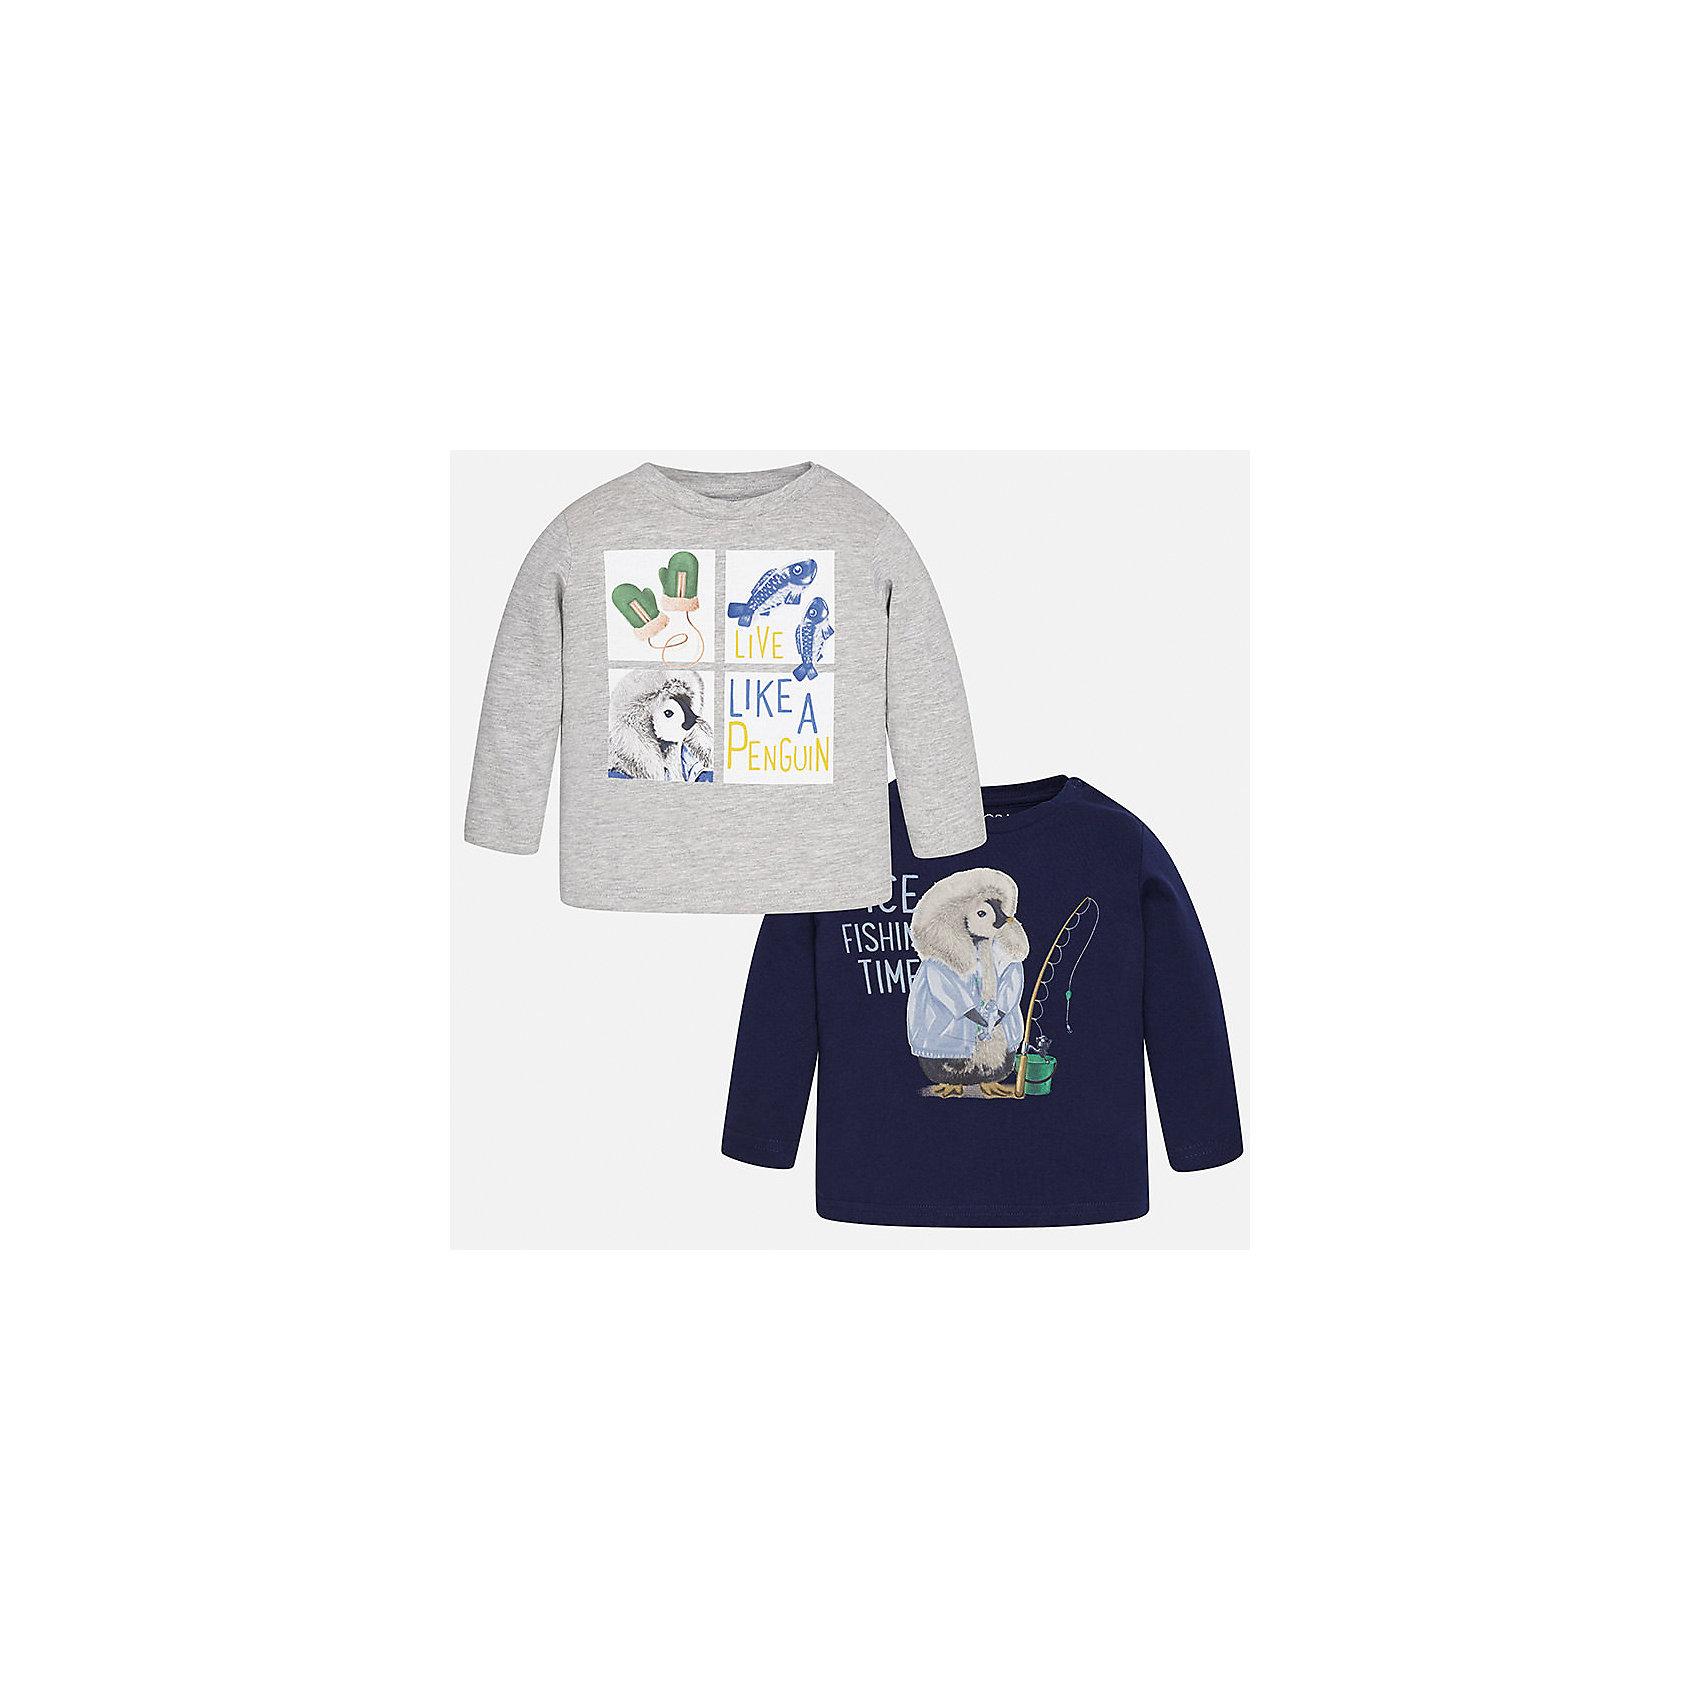 Футболка с длинным рукавом (2 шт.) для мальчика MayoralФутболки с длинным рукавом<br>Характеристики товара:<br><br>• цвет: синий/серый;<br>• комплект: 2 шт.;<br>• состав ткани: 100% хлопок;<br>• длинный рукав;<br>• рисунок: принт;<br>• кнопка на воротнике;<br>• сезон: демисезон;<br>• страна бренда: Испания;<br>• страна изготовитель: Индия.<br><br>Комплект из двух футболок с длинным рукавом для мальчика от популярного бренда Mayoral  выполнен из натурального хлопка, ткань эластичная и приятная на ощупь. Однотонные модели декорированы принтом с изображением милых и забавных пингвинов, имеют круглый вырез и кнопки по плечевому шву для удобства переодевания малыша.  <br><br>Обе модели очень практичны и долги в носке, цвет не тускнеет, смотрятся аккуратно и стильно. Идеально подходит для повседневной одежды как дома, так и на прогулку.<br><br>Для производства детской одежды популярный бренд Mayoral используют только качественную фурнитуру и материалы. Оригинальные и модные вещи от Майорал неизменно привлекают внимание и нравятся детям.<br><br>Комплект из двух футболок с длинным рукавом для мальчика Mayoral (Майорал) можно купить в нашем интернет-магазине.<br><br>Ширина мм: 230<br>Глубина мм: 40<br>Высота мм: 220<br>Вес г: 250<br>Цвет: сине-серый<br>Возраст от месяцев: 6<br>Возраст до месяцев: 9<br>Пол: Мужской<br>Возраст: Детский<br>Размер: 74,98,92,86,80<br>SKU: 6932380